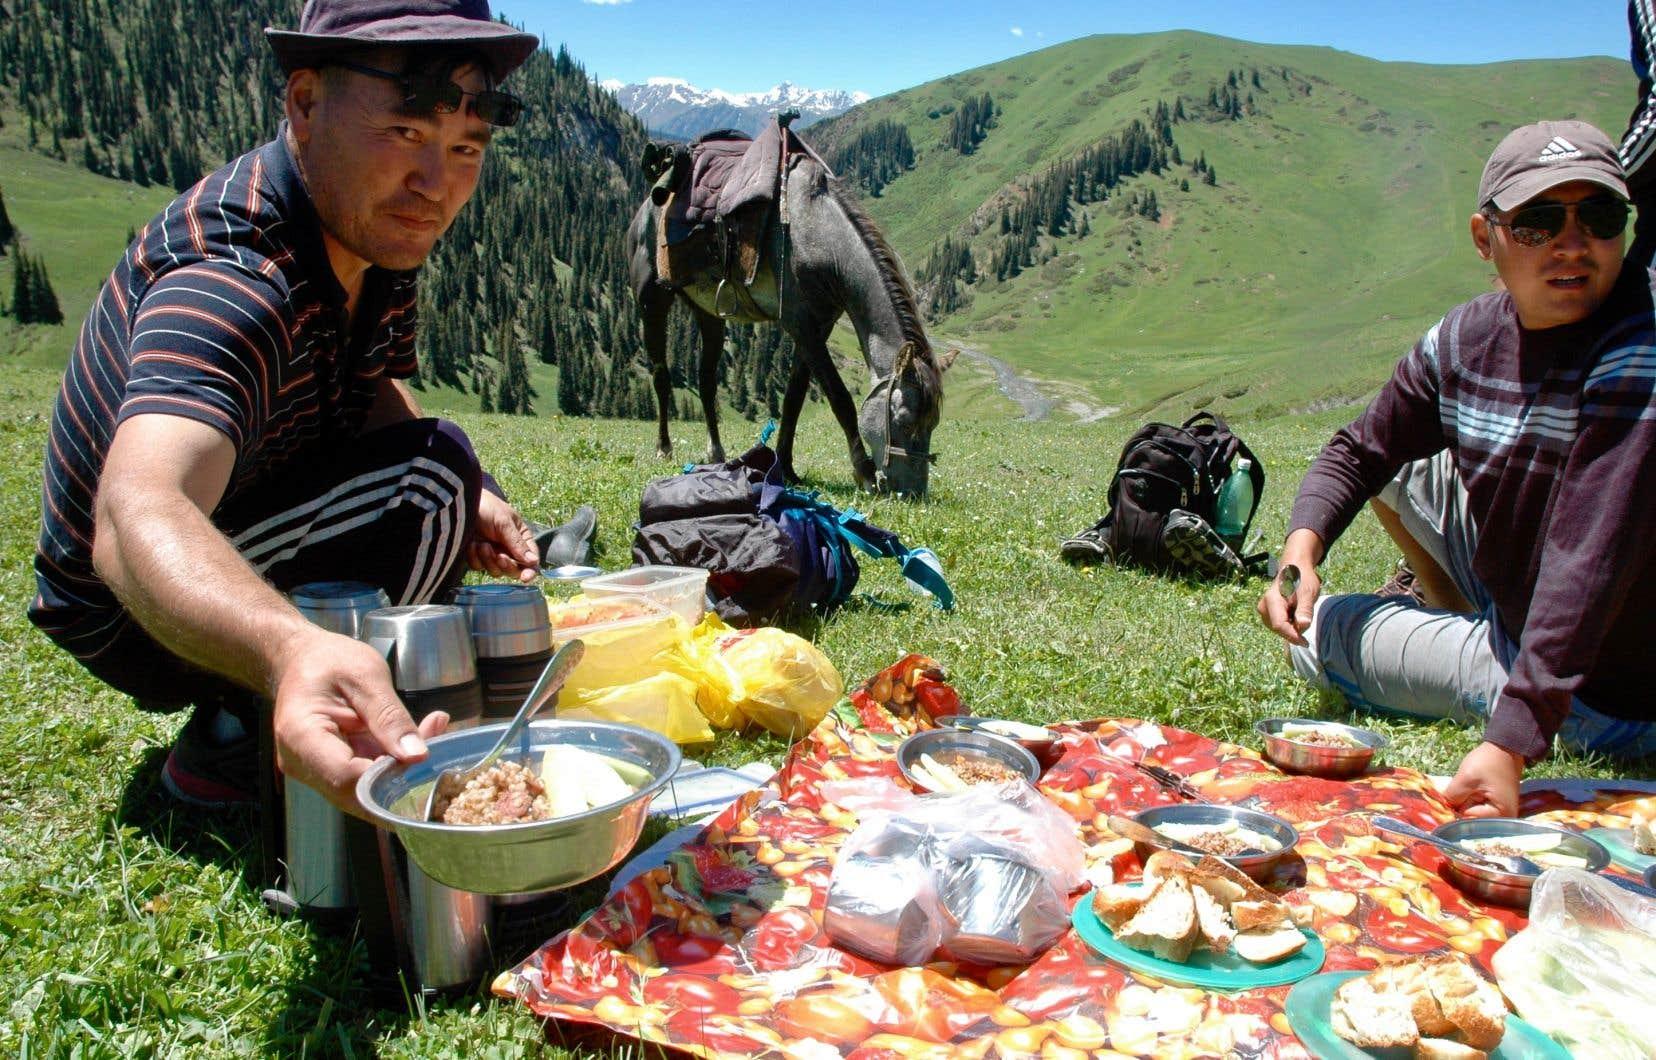 Une dégustation en plein air au Kirghizstan, durant une randonnée de deux semaines